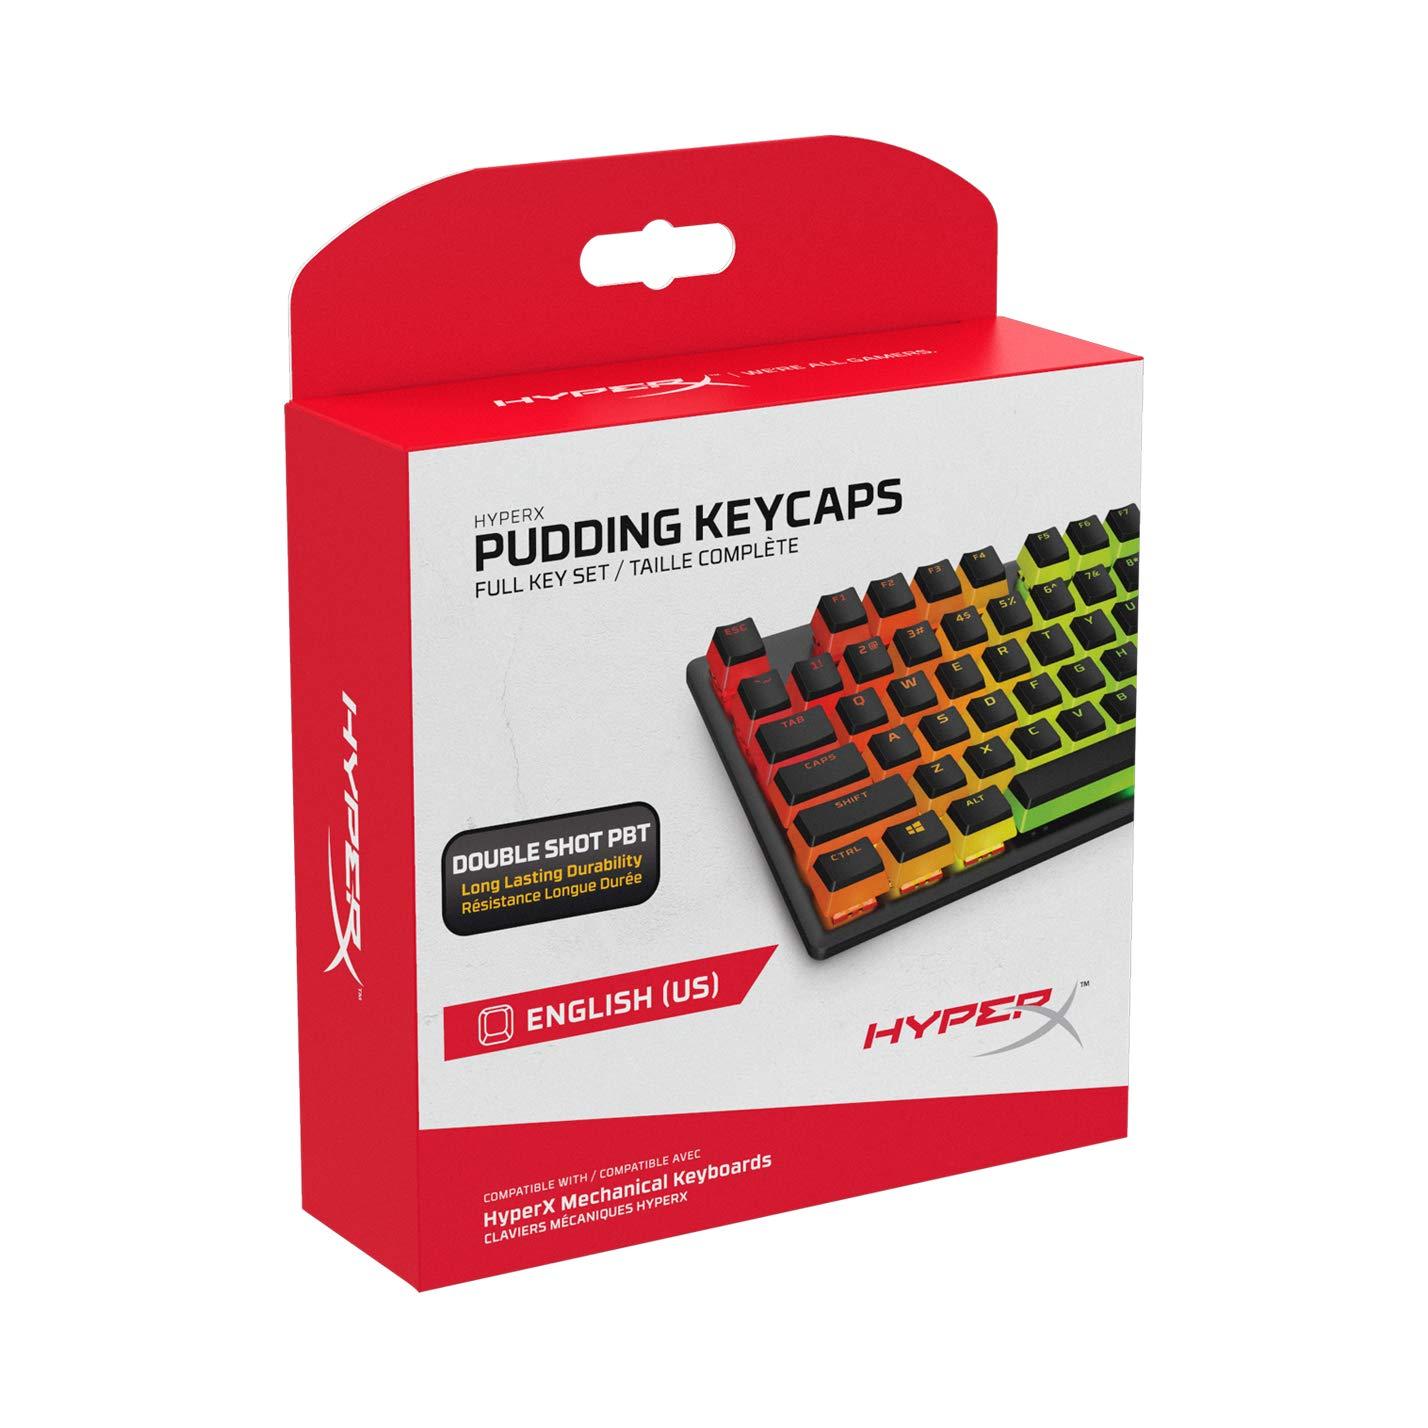 HyperX Pudding Keycaps - Double Shot PBT Keycap Set with Translucent Layer, for Mechanical Keyboards, Full 104 Key Set, OEM Profile, English (US) Layout - Black